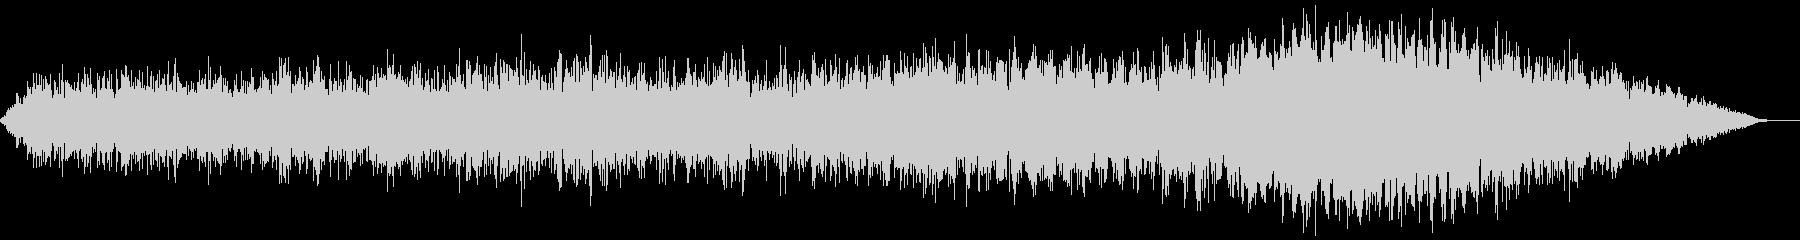 【アンビエント】ドローン_35 実験音の未再生の波形